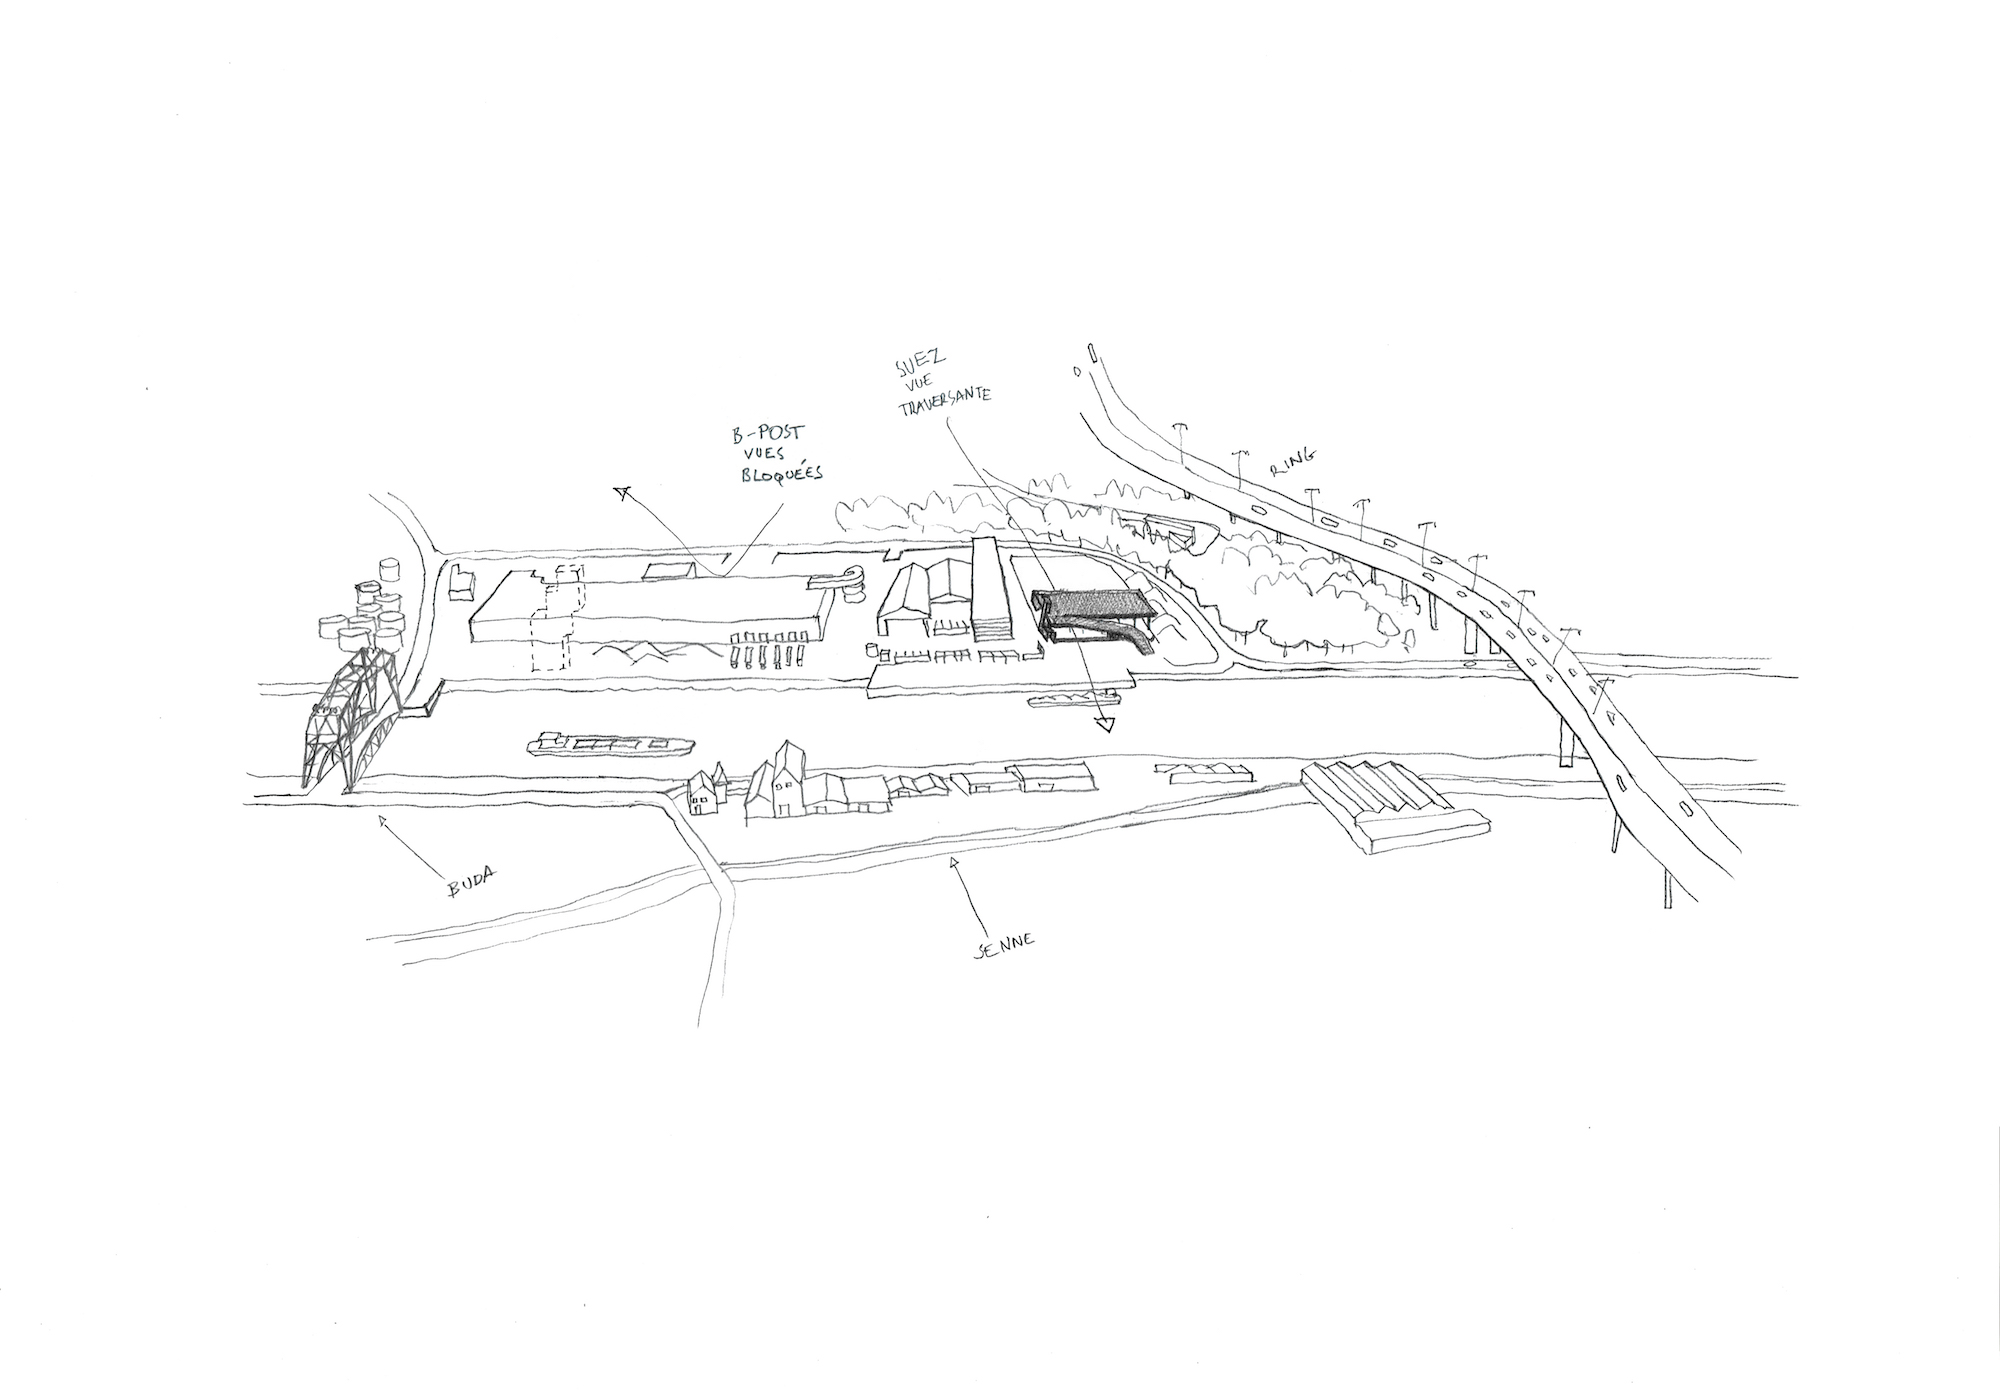 RG architectes | Dessin Suez